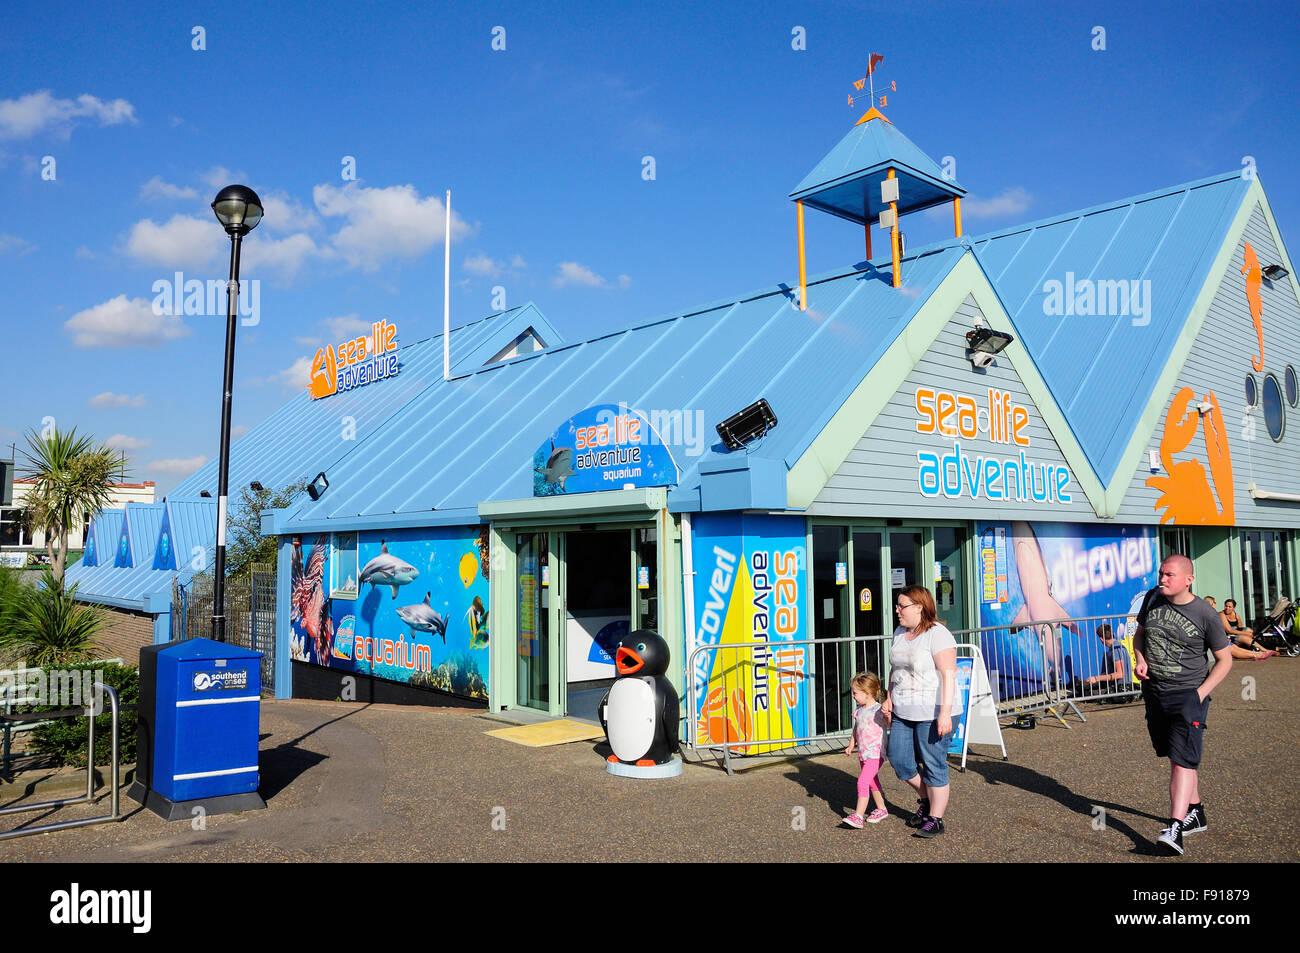 Sea Life Adventure Aquarium, Eastern Esplanade, Southend-on-Sea, Essex, England, United Kingdom - Stock Image